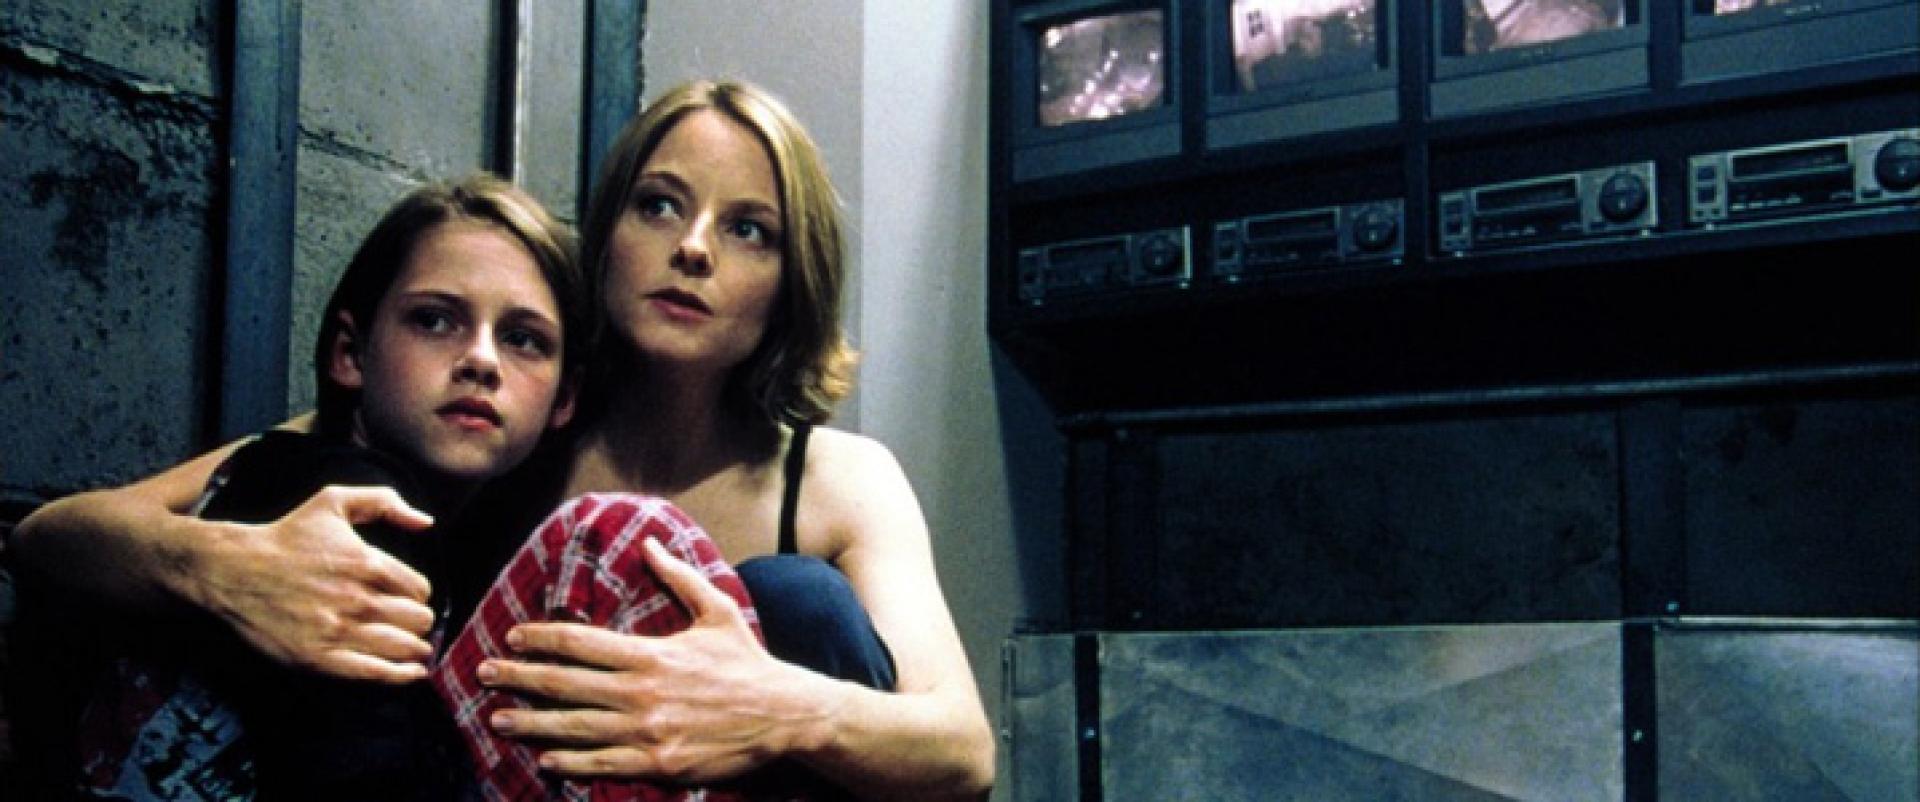 Panic Room - Pánikszoba (2002)